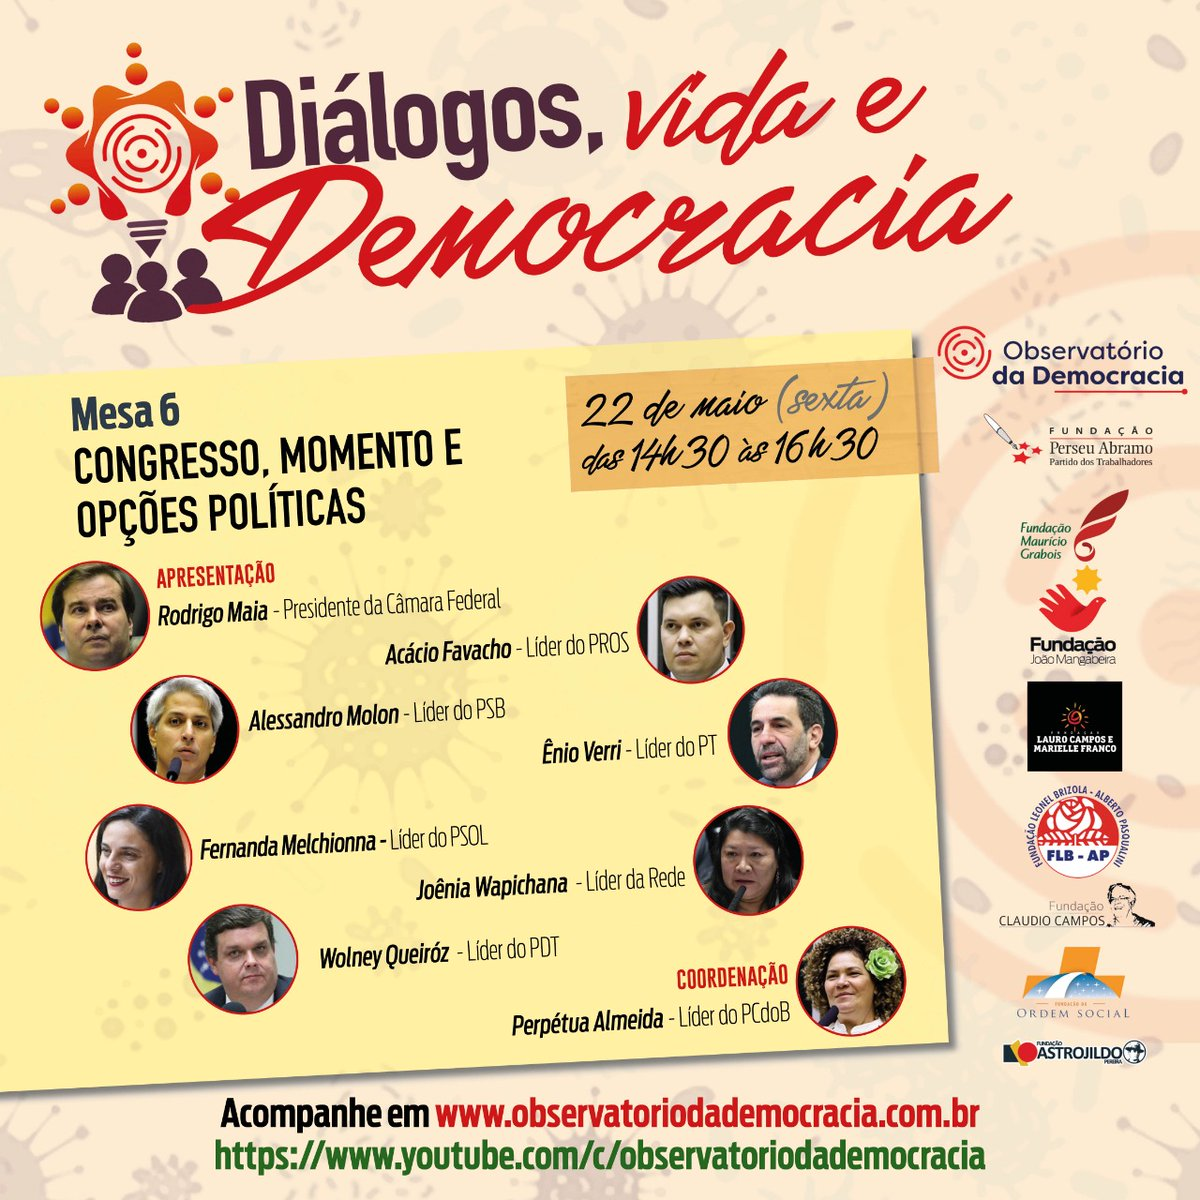 Daqui a pouco começa a mesa Congresso, Momento e Opções Políticas nas redes das fundações do Observatório e no youtube